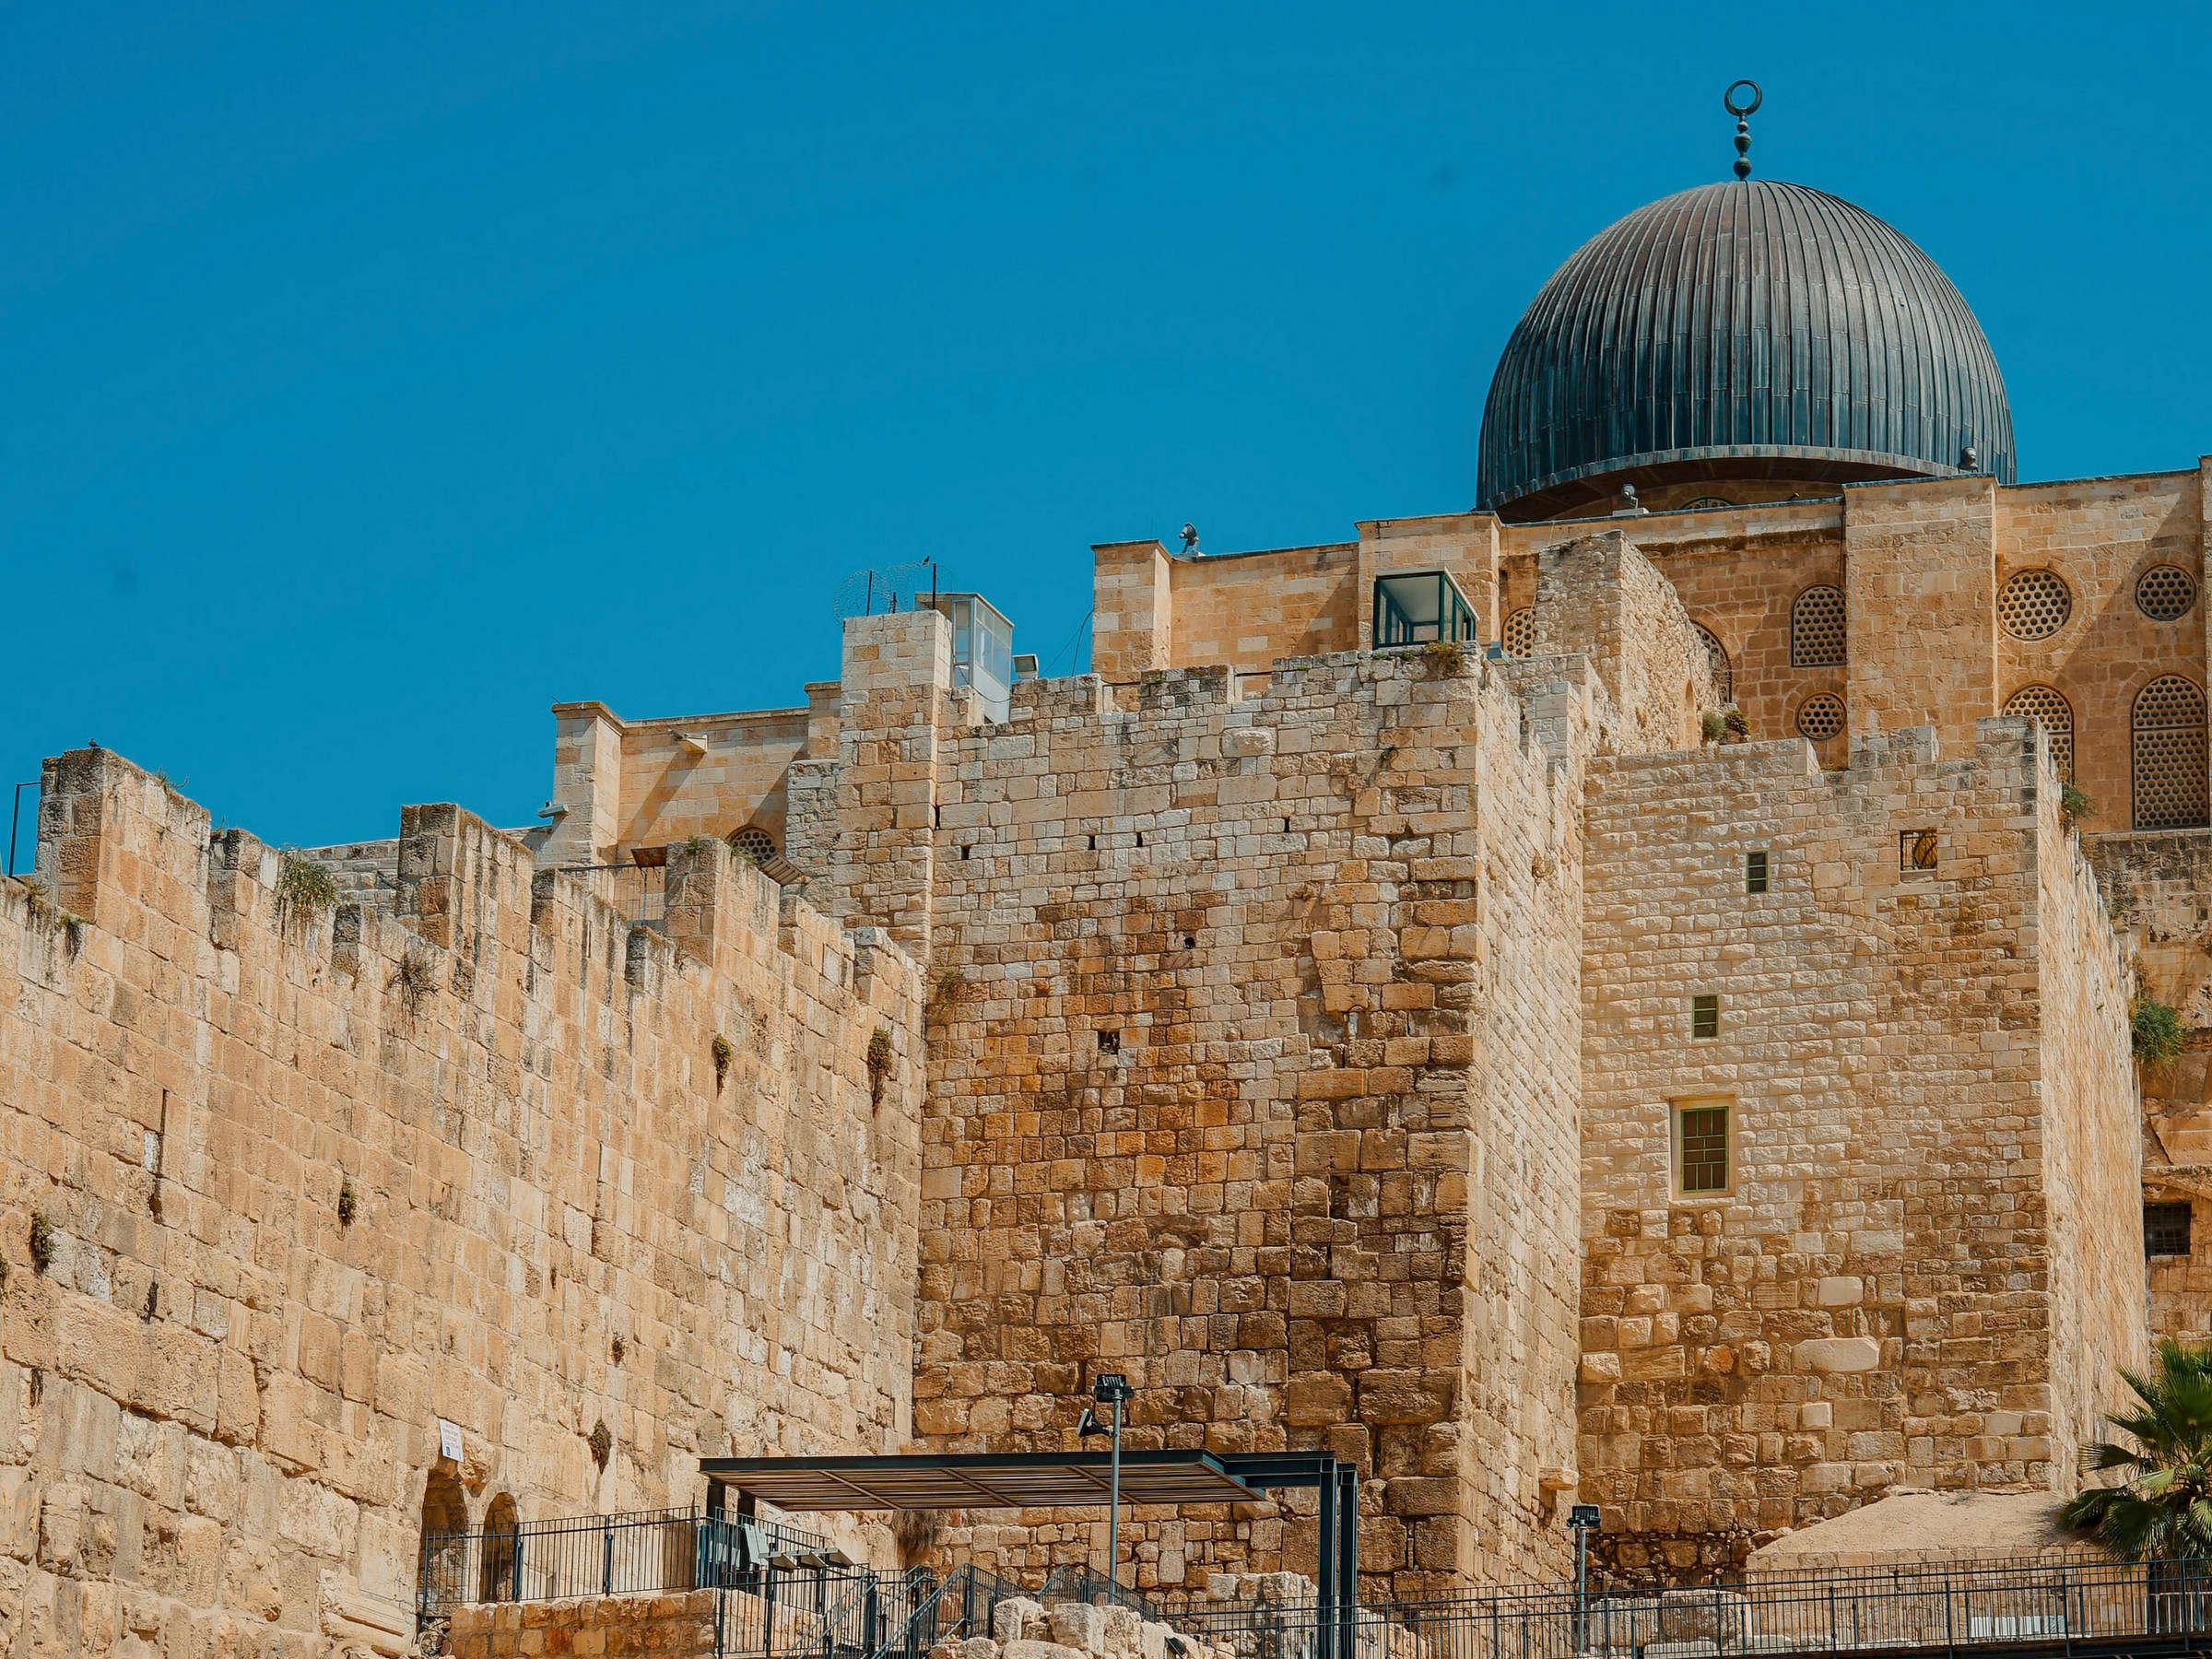 Israel's UNESCO Sites